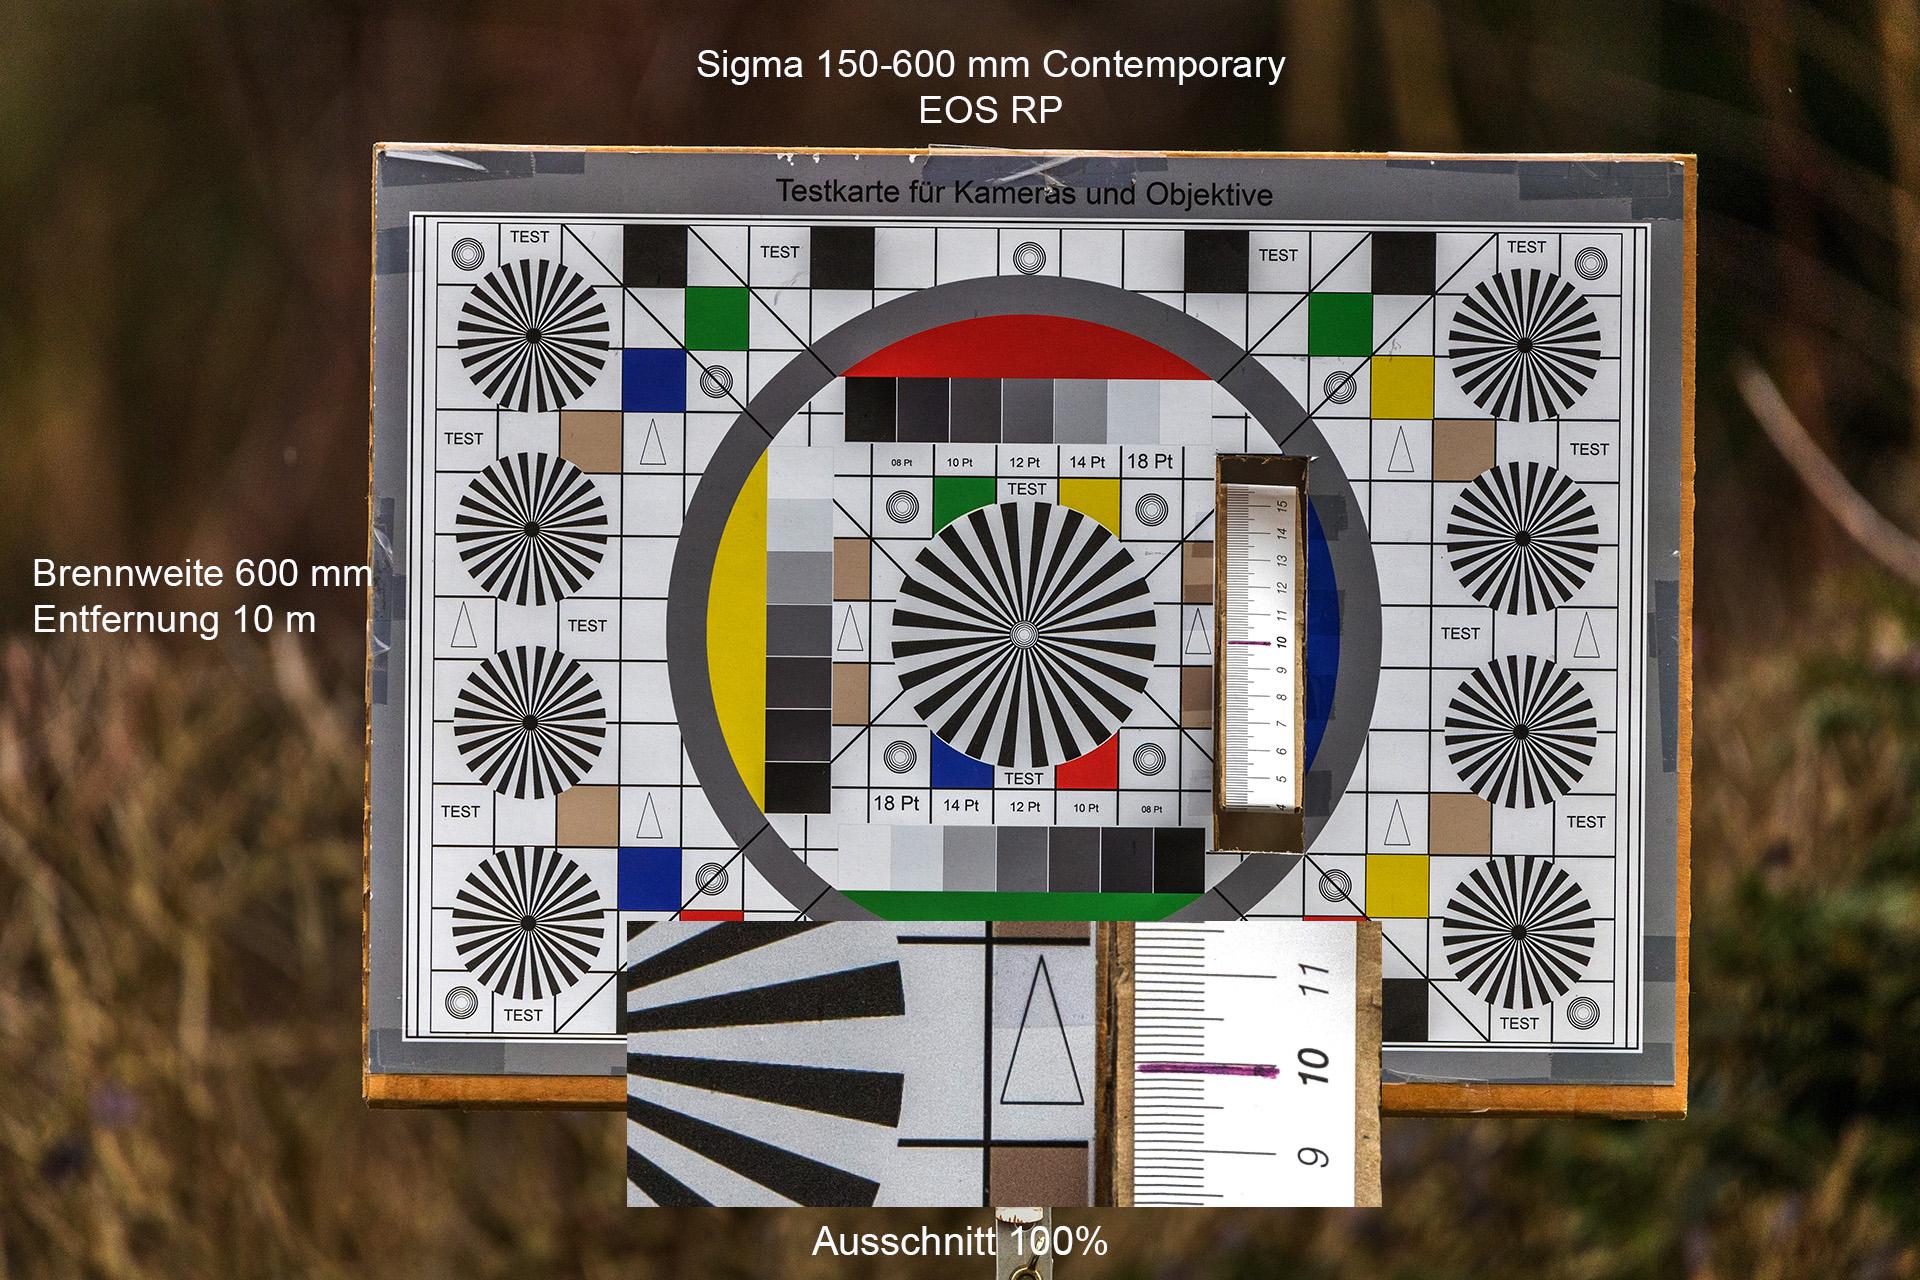 Testaufnahmen mit Sigma 150-600 mm, Canon EOS RP, 600 mm, 10 Meter